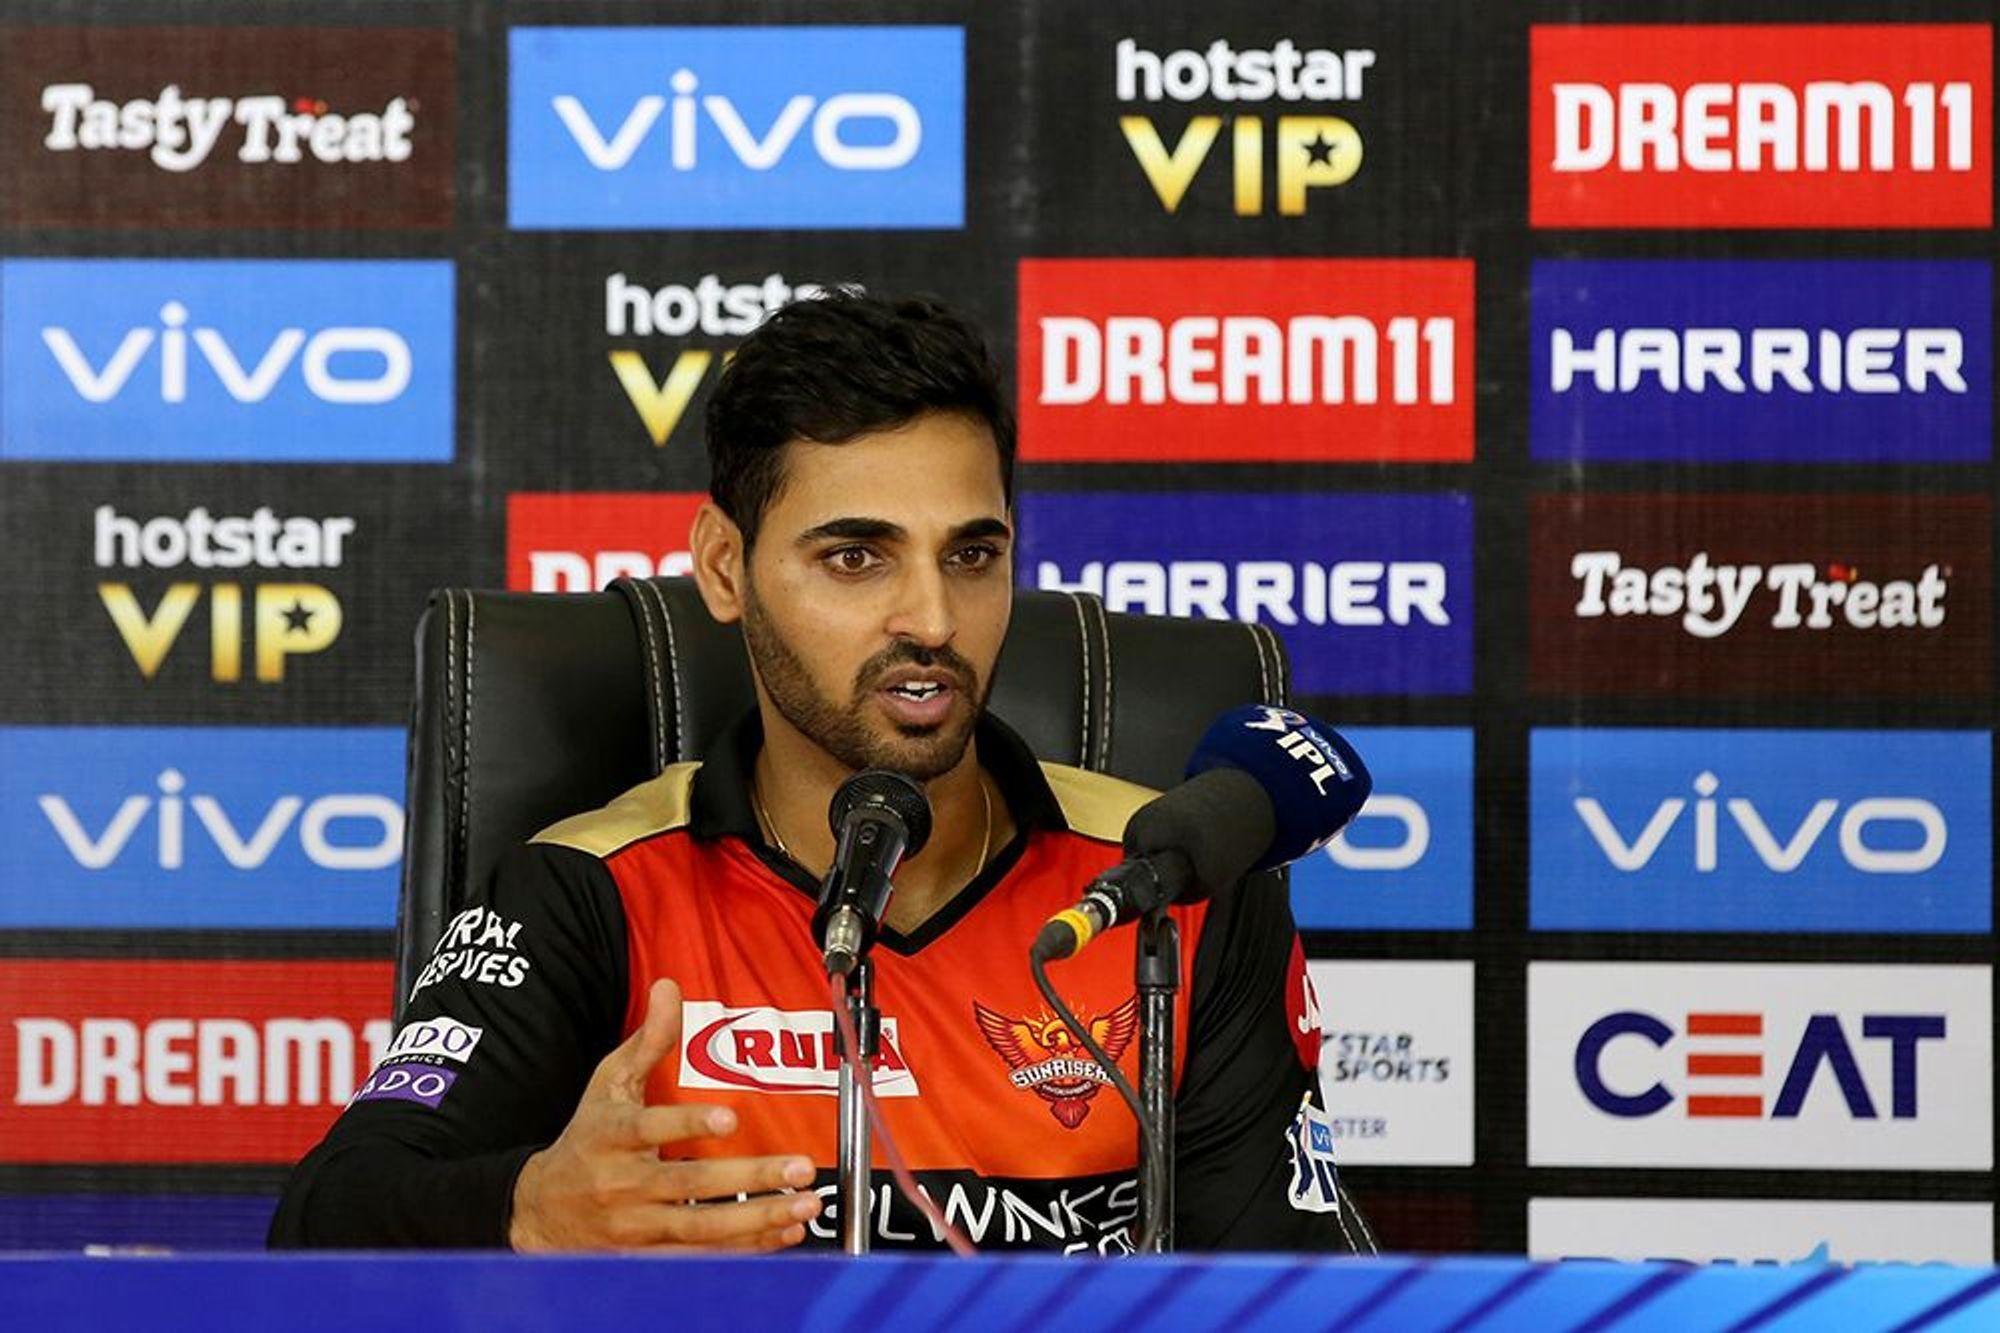 मुंबई से हारते ही भुवनेश्वर कुमार को आई केन विलियमसन की याद, बताया कब करेंगे वापसी 4